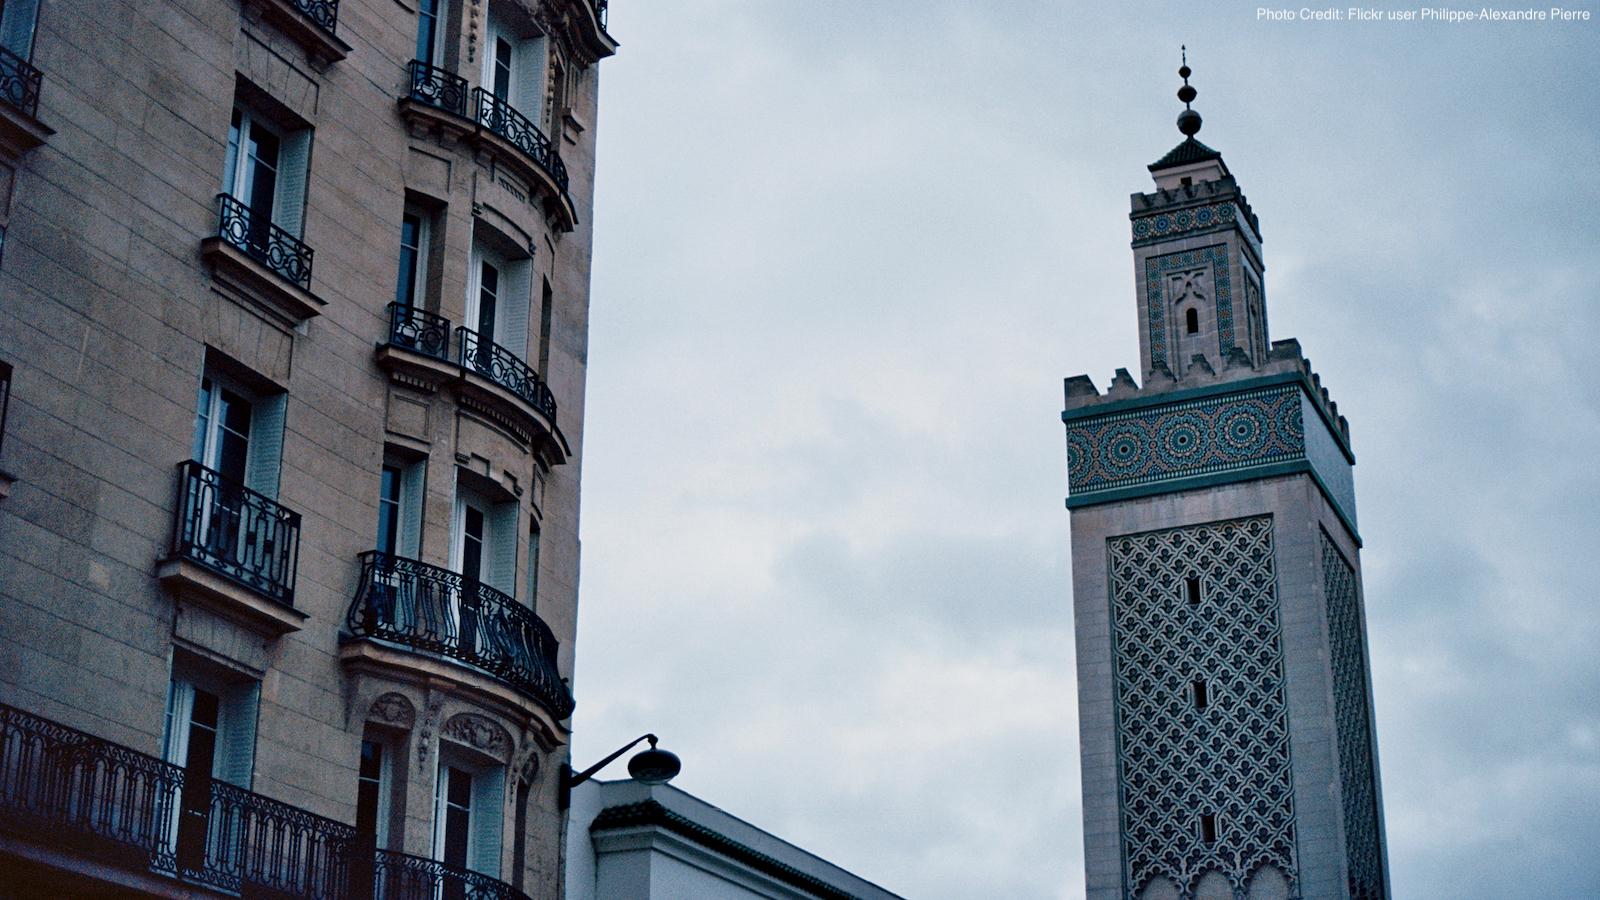 Minaret of the Grand Mosque in Paris